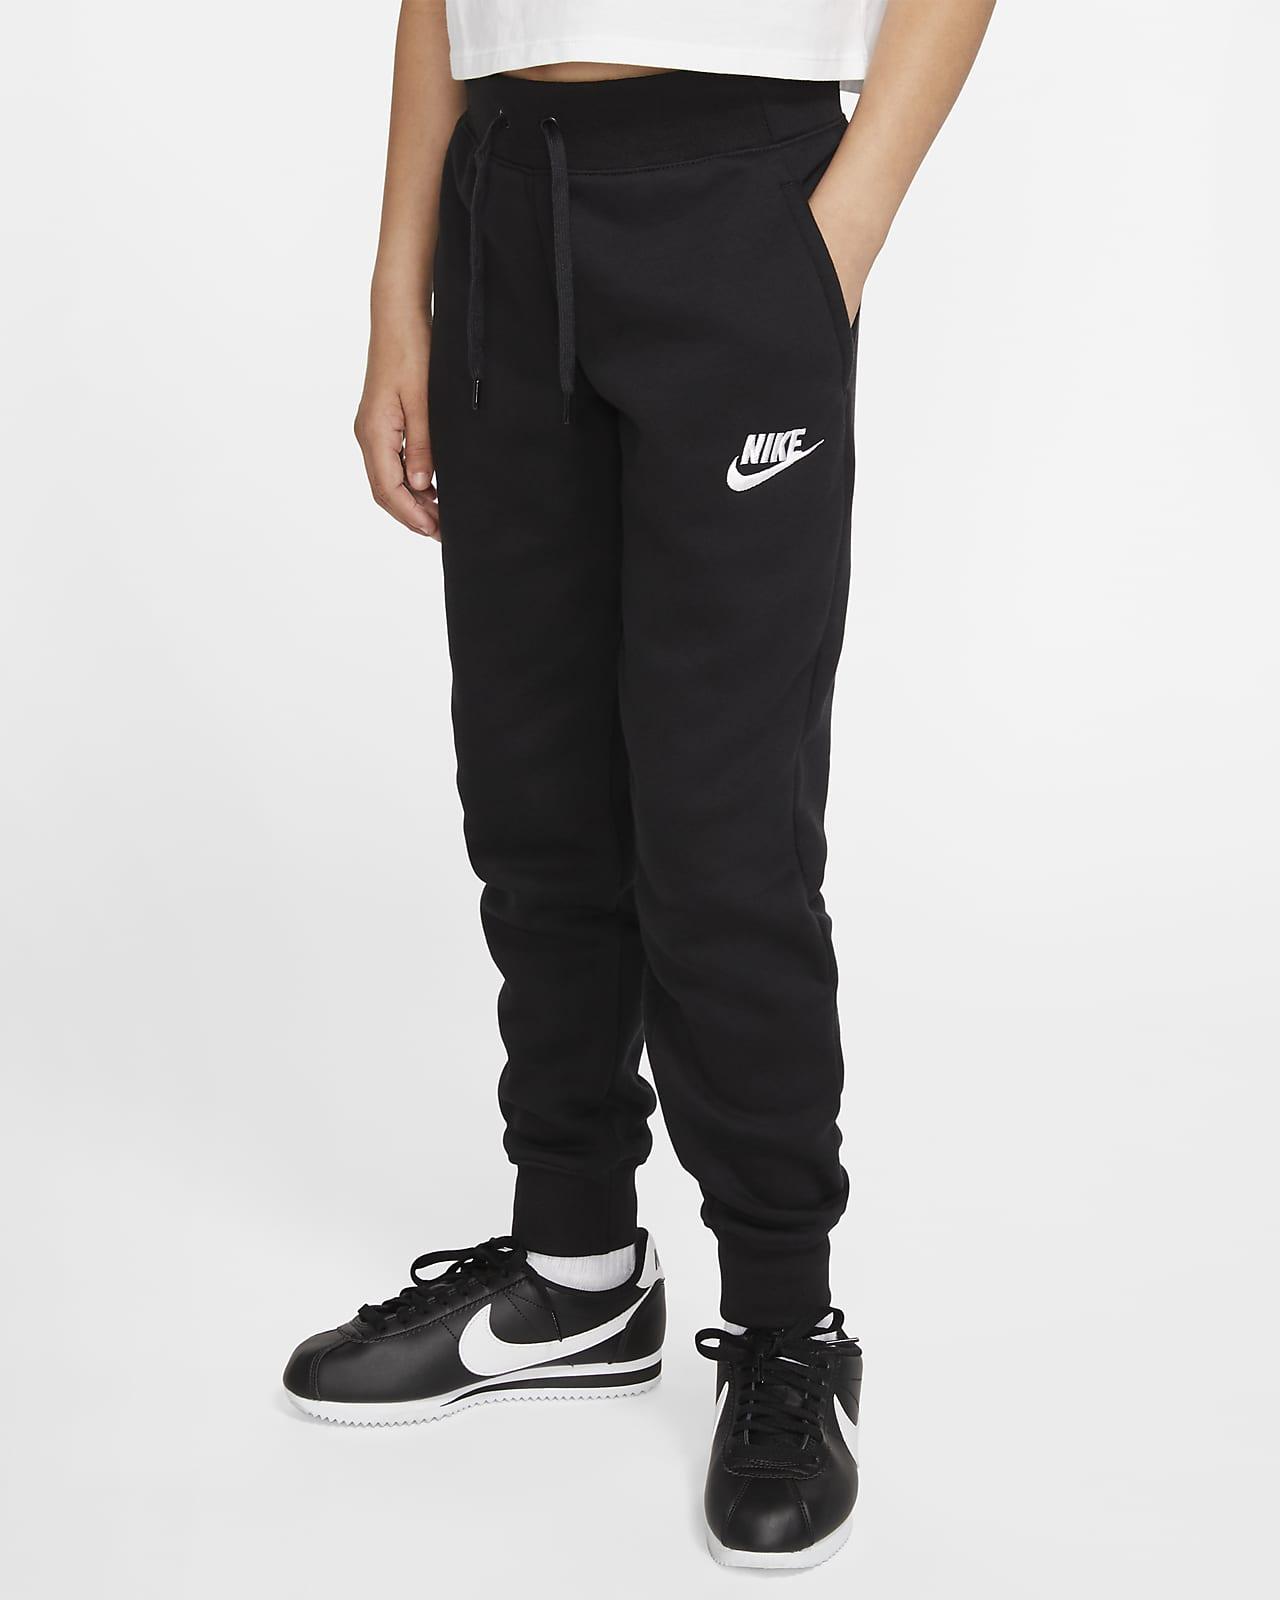 Nike Sportswear-bukser til store børn (piger)